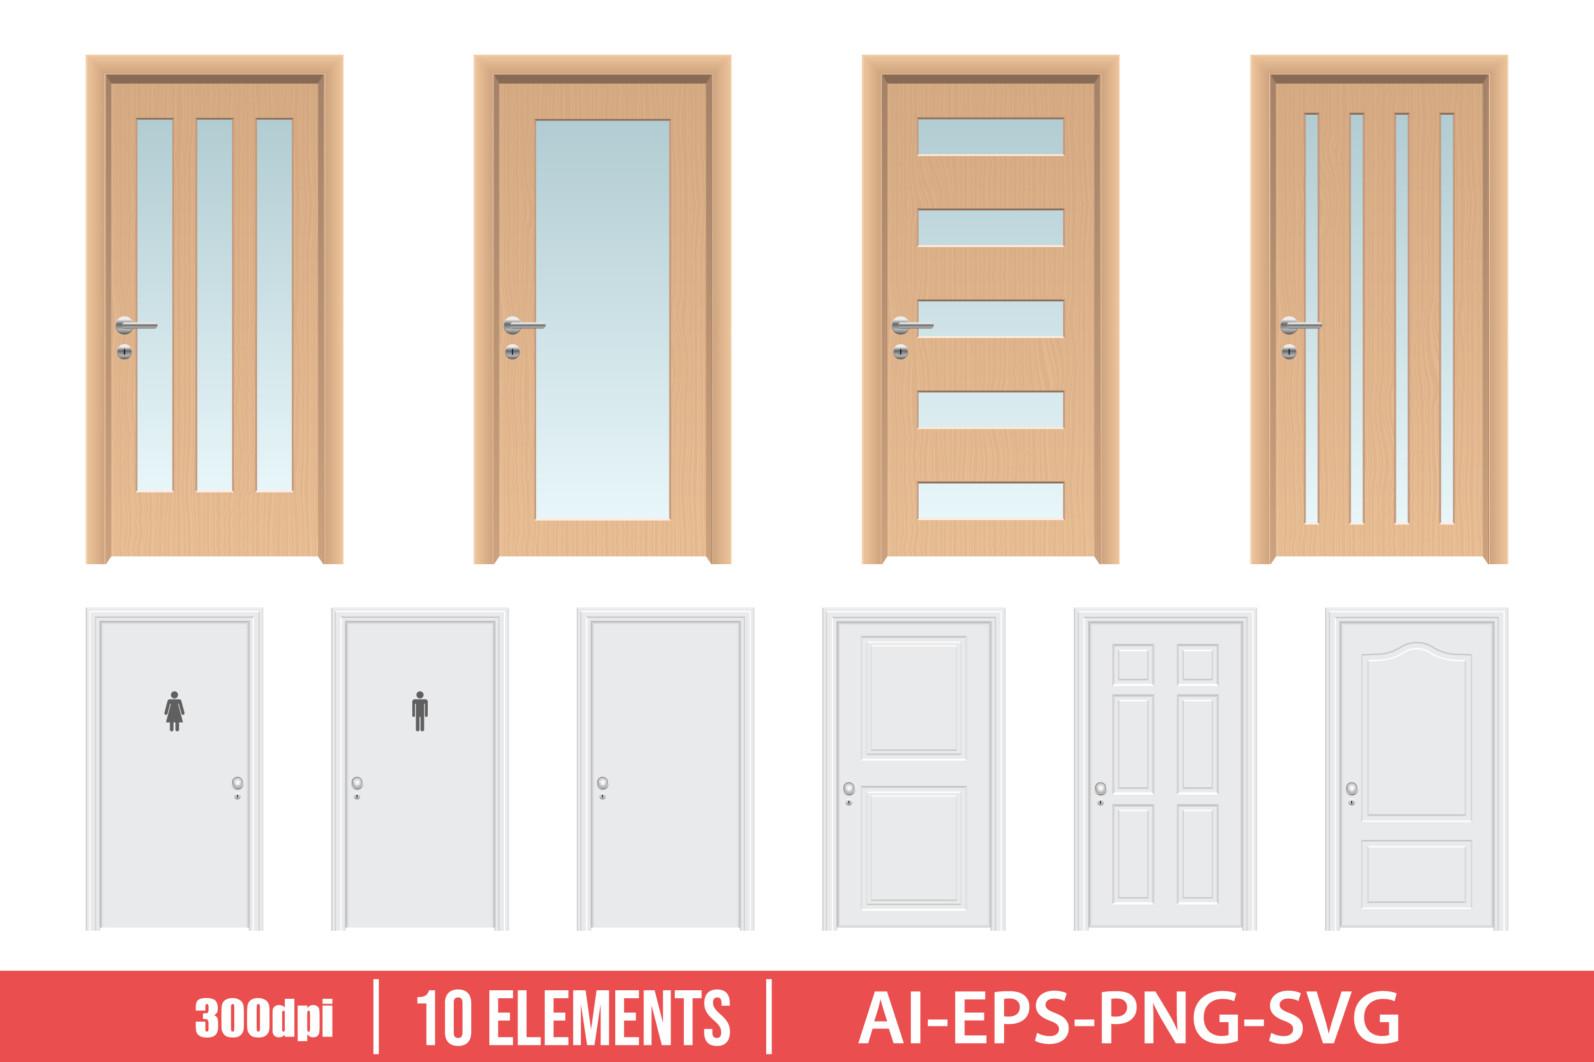 Realistic wooden door clipart vector design illustration. Door set. Vector Clipart Print - DOOR 1 scaled -